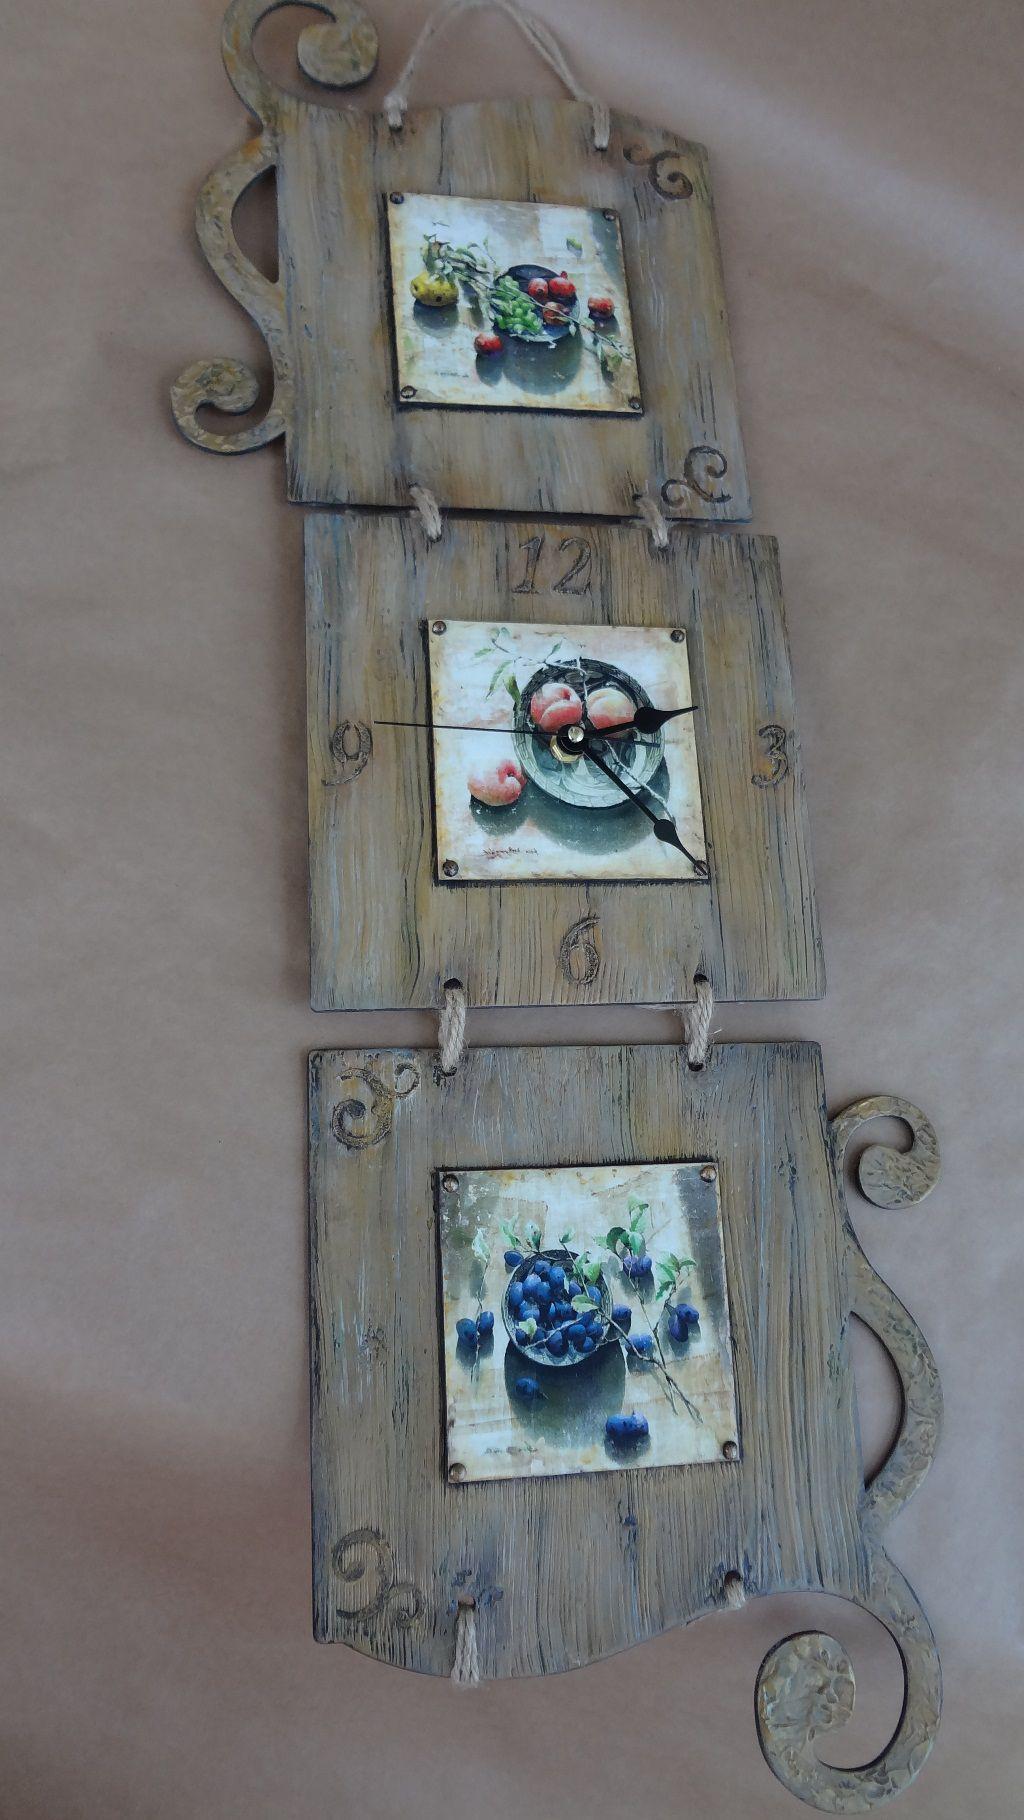 под кухни дерево работы старину ручной часы для старое